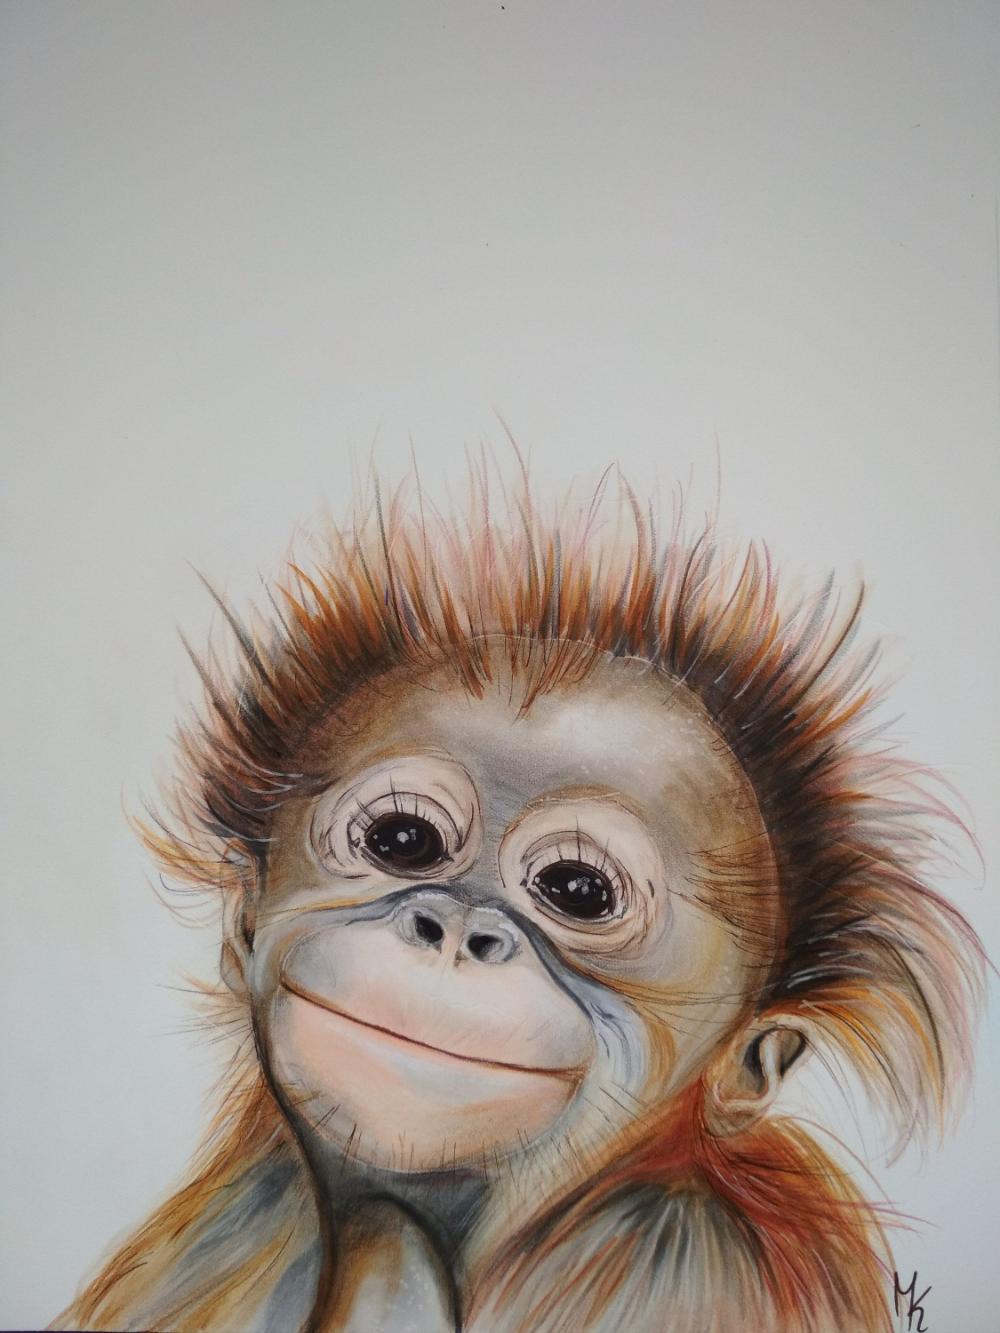 Картинки обезьяны смешные нарисованные